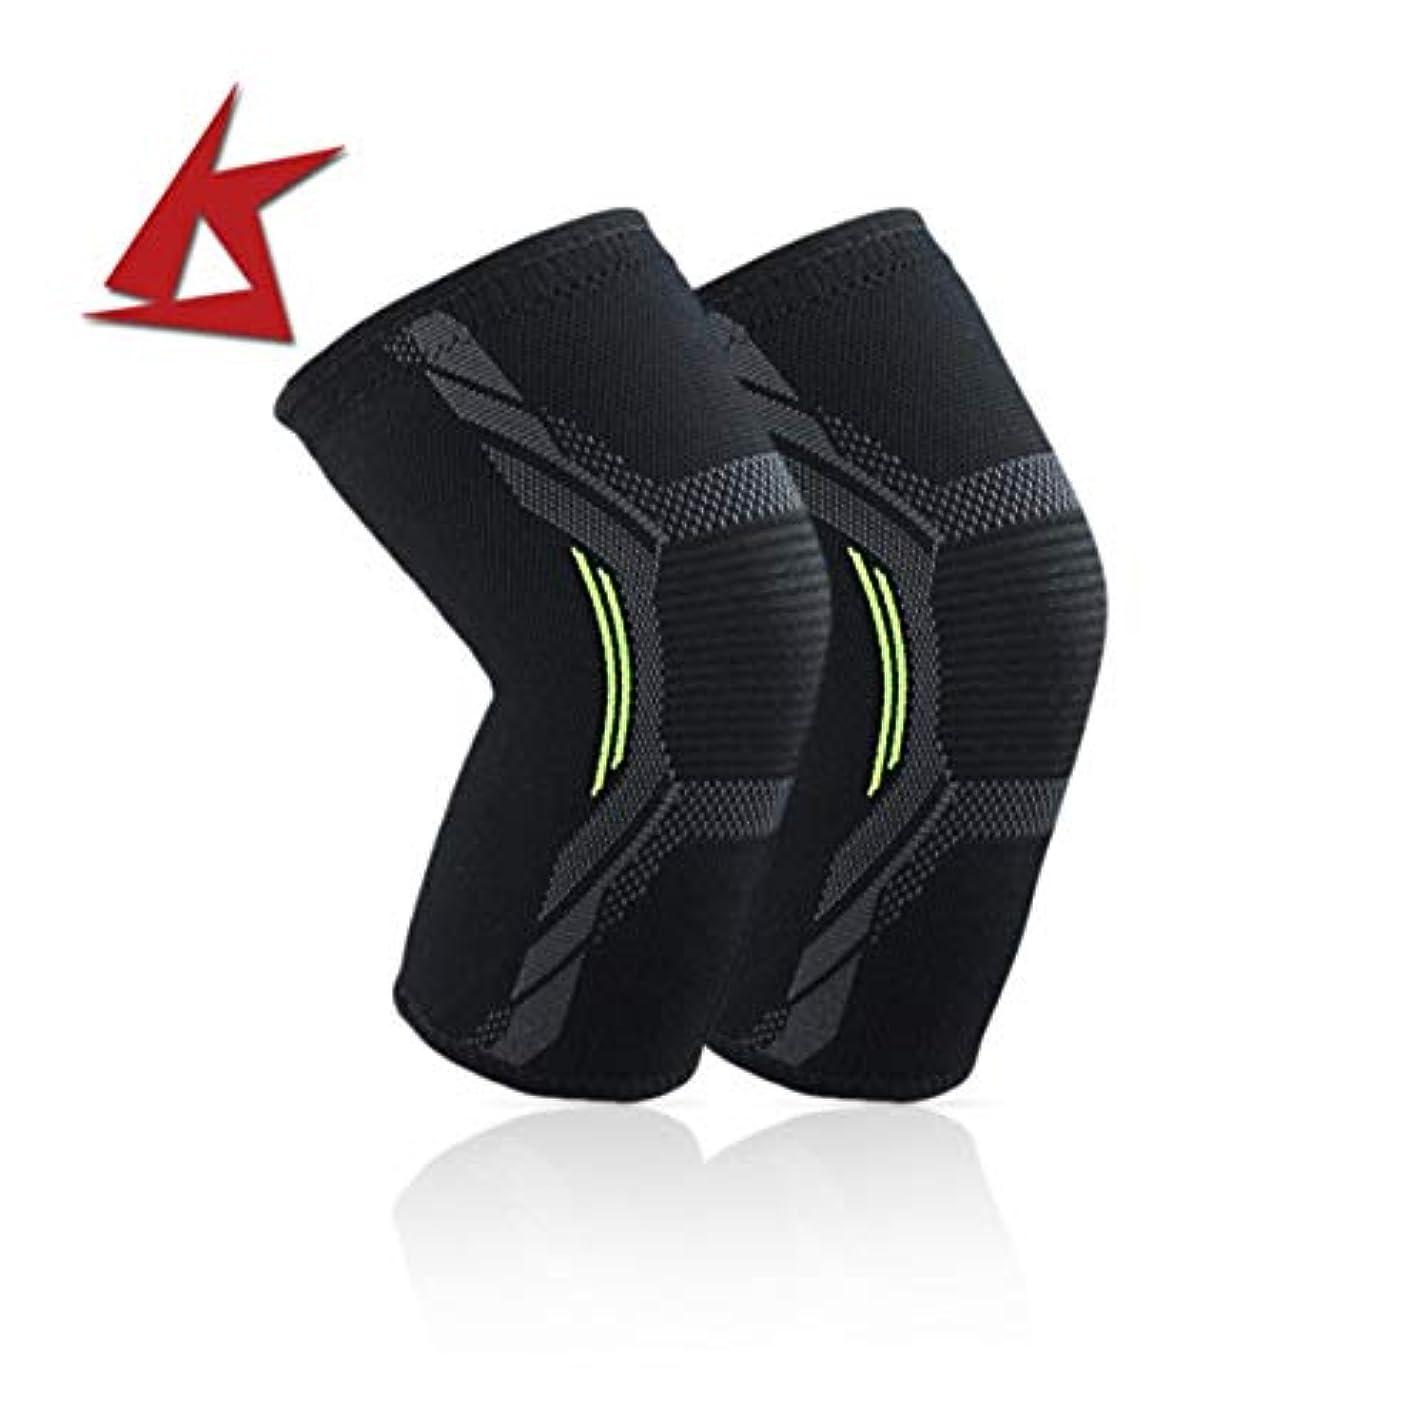 バックグラウンドシェルター危険にさらされているニット膝パッド耐久性のあるナイロン膝ブレーススポーツ保護パッド超薄型膝サポート安全膝パッド - ブラックL